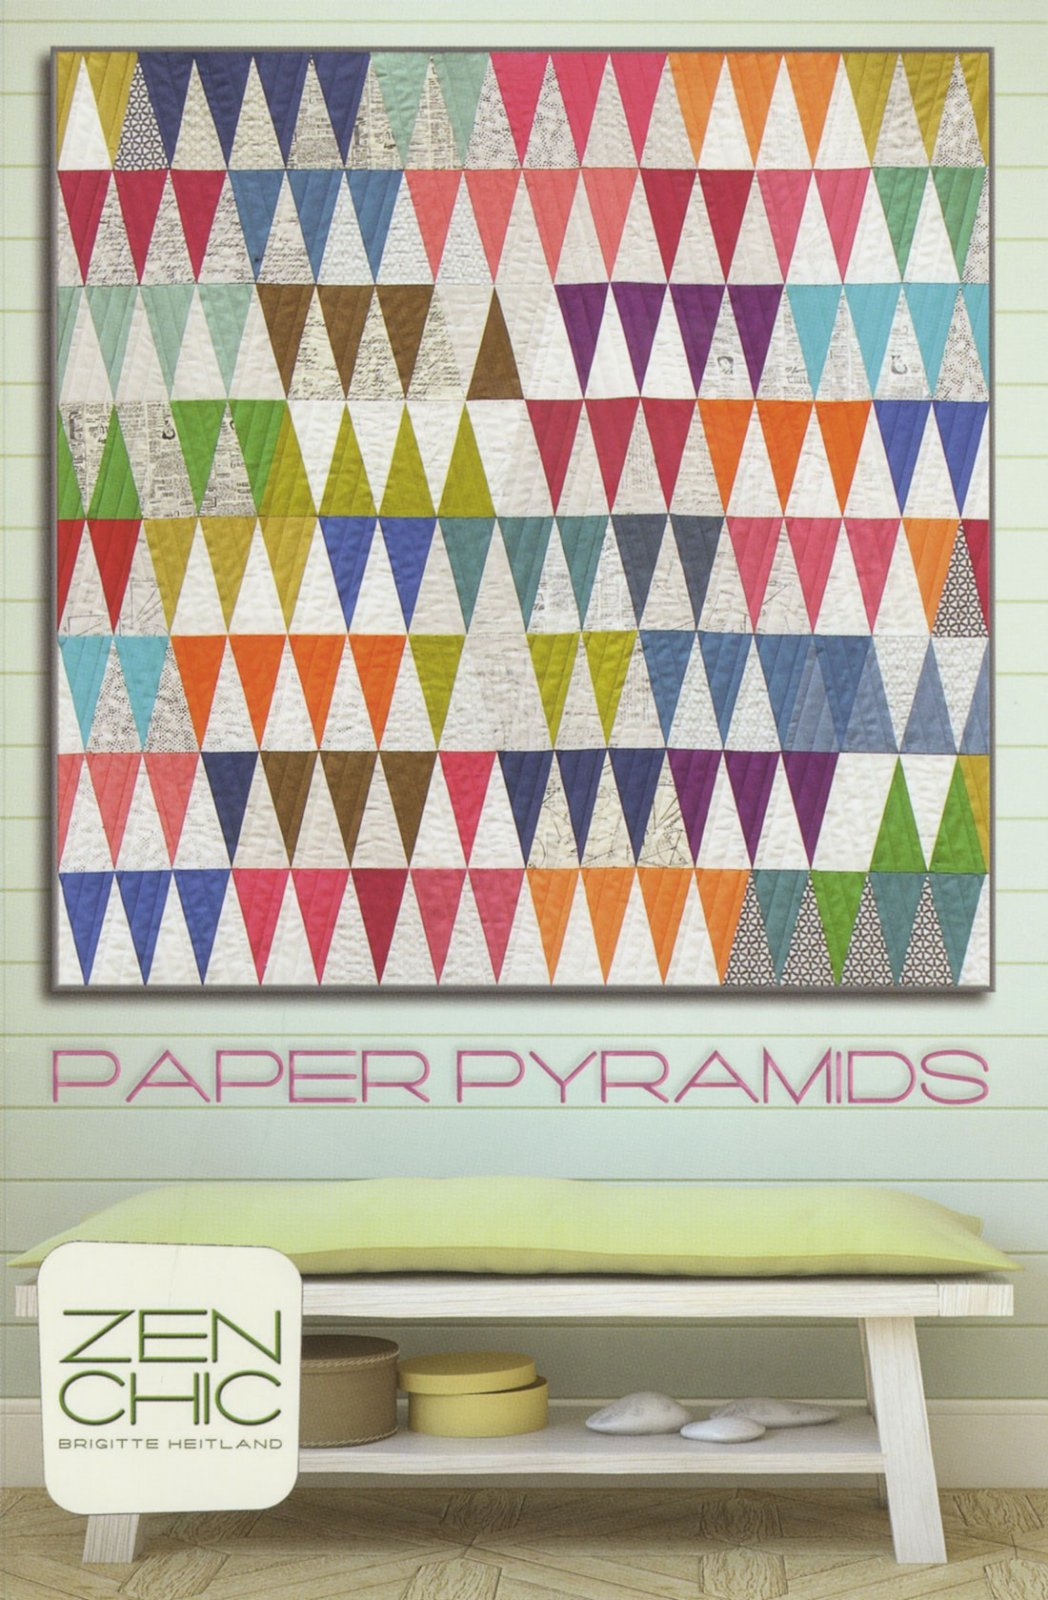 Paper Pyramids